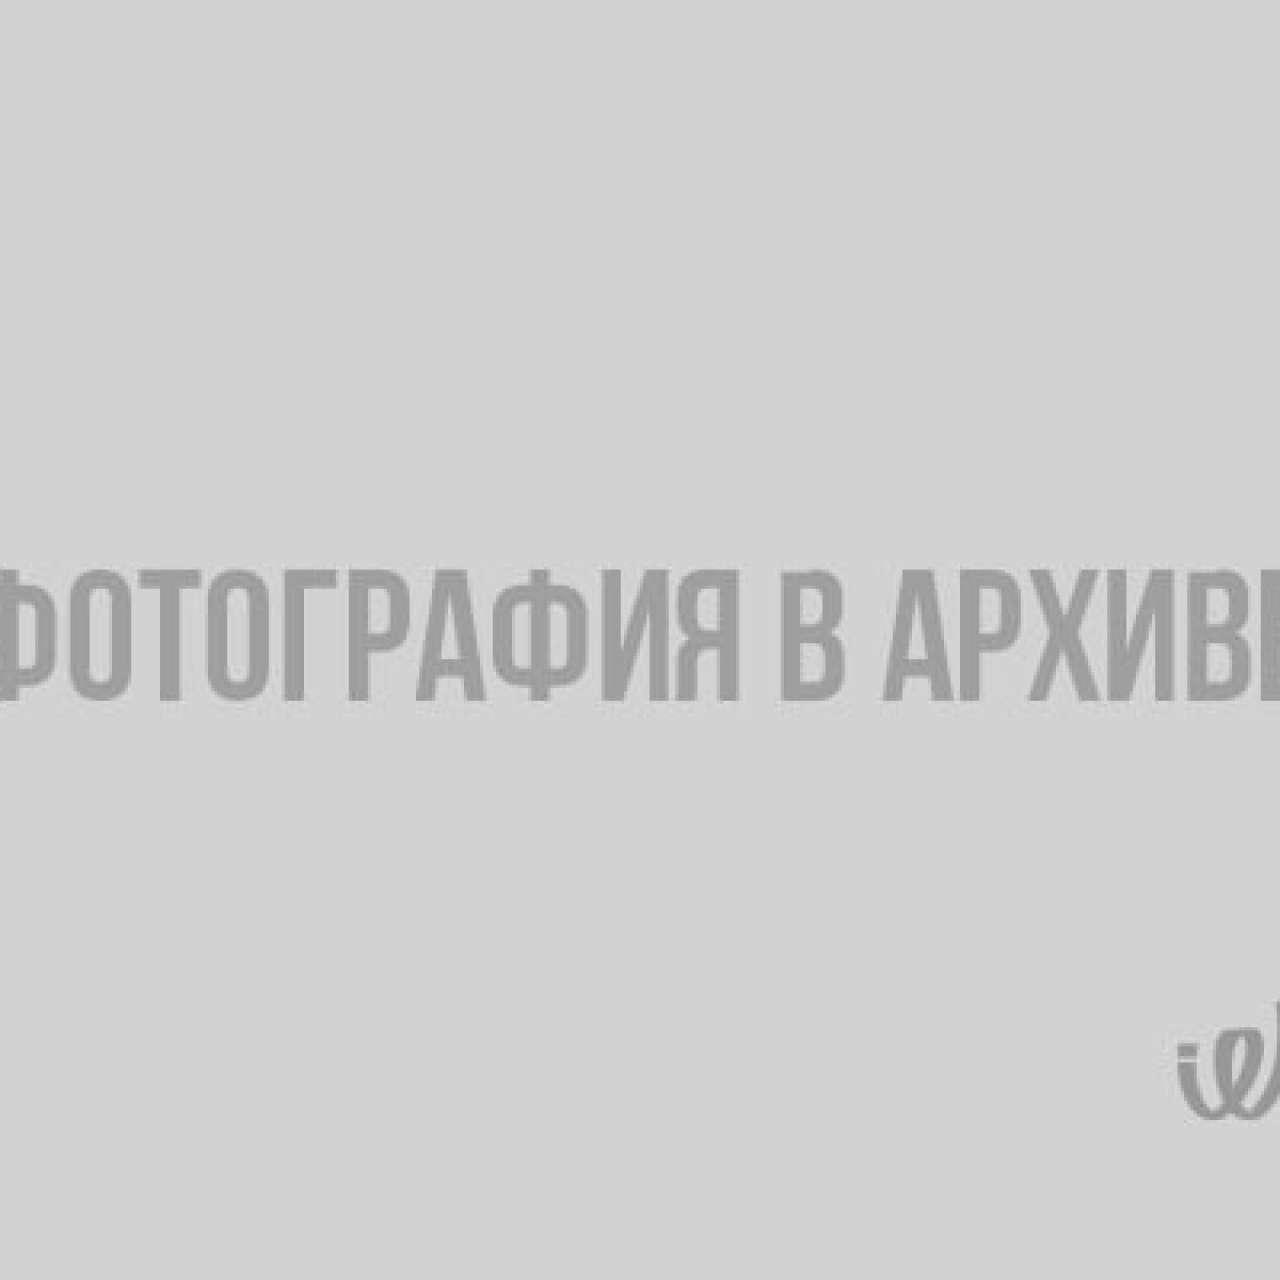 В Петербурге погоня за нарушителем закончилась столкновением с ограждением — видео Санкт-Петербург, погоня, ДТП